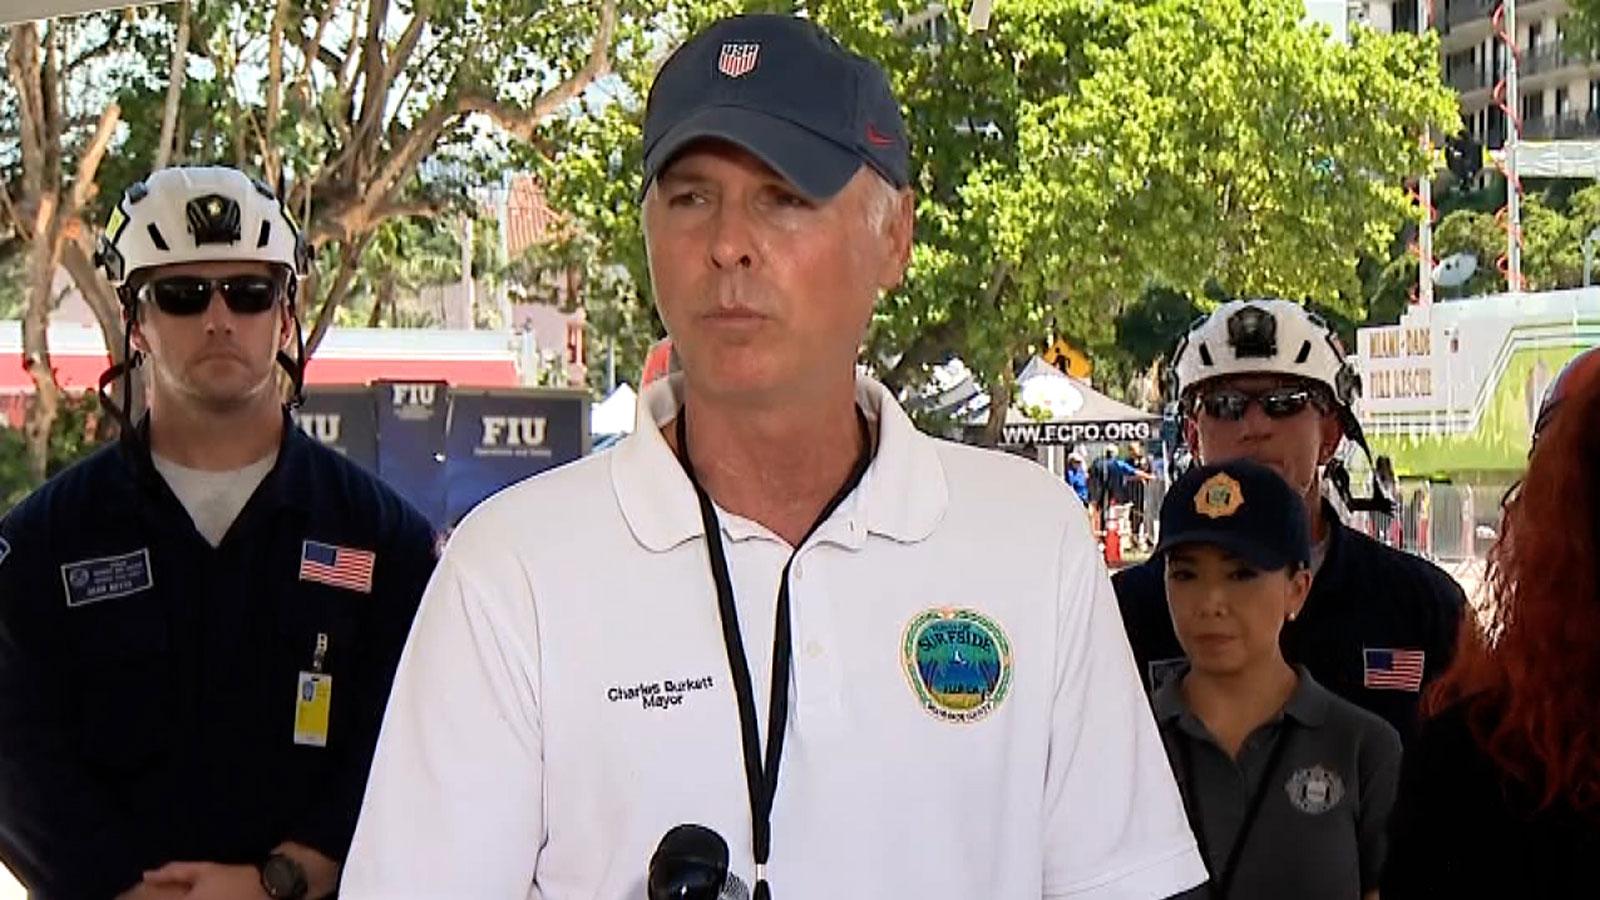 Surfside Mayor Charles Burkett speaks at a press conference in Surfside, Florida, on July 3, 2021.